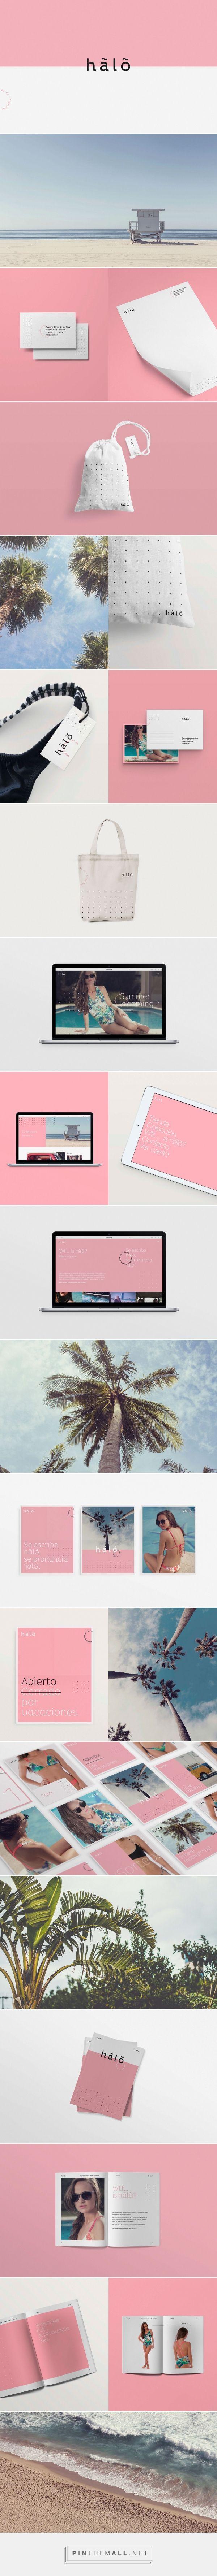 Hãlõ Swimwear Branding by Page